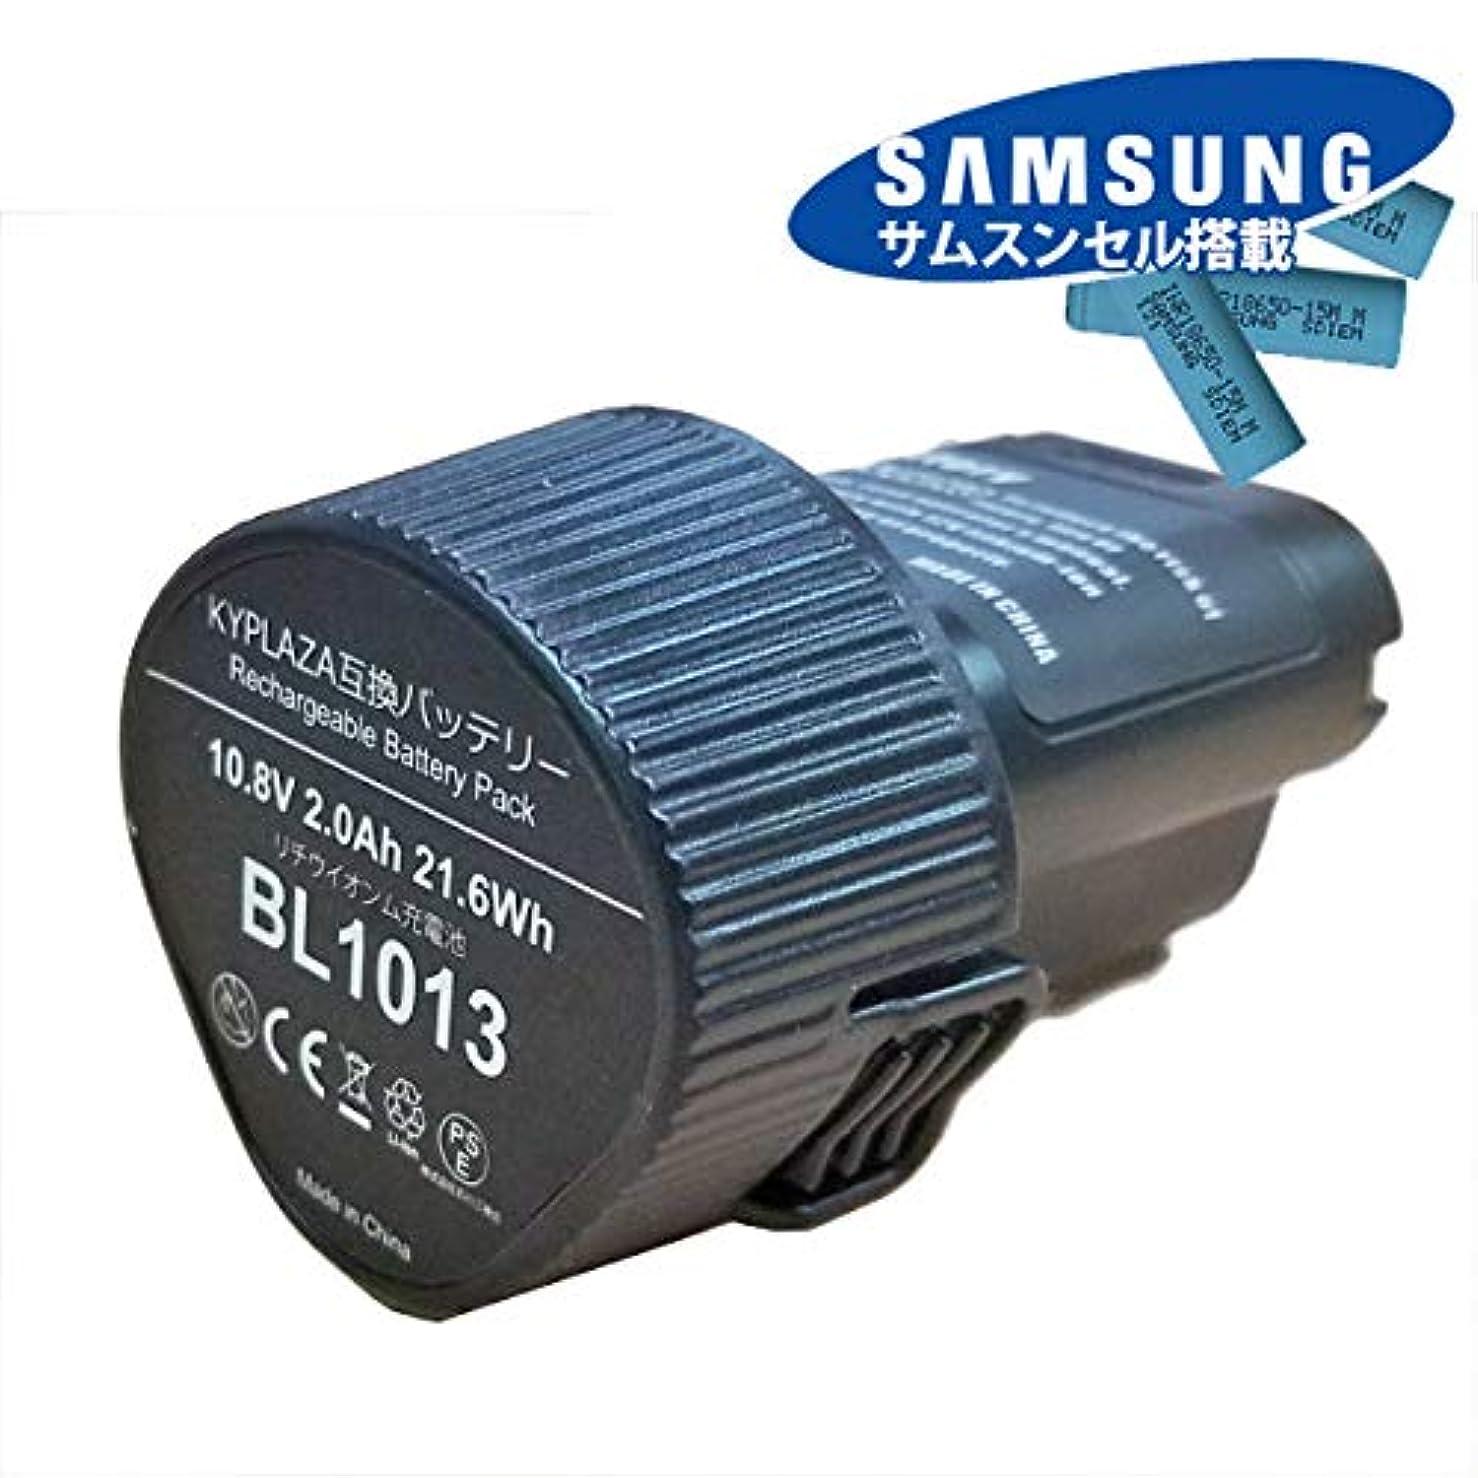 免疫する同一性輝度増量 高品質 サムスン セル BL1013 対応 マキタ makita バッテリー 2000mAh リチウムイオン電池 互換10.8V サムソン セル 採用